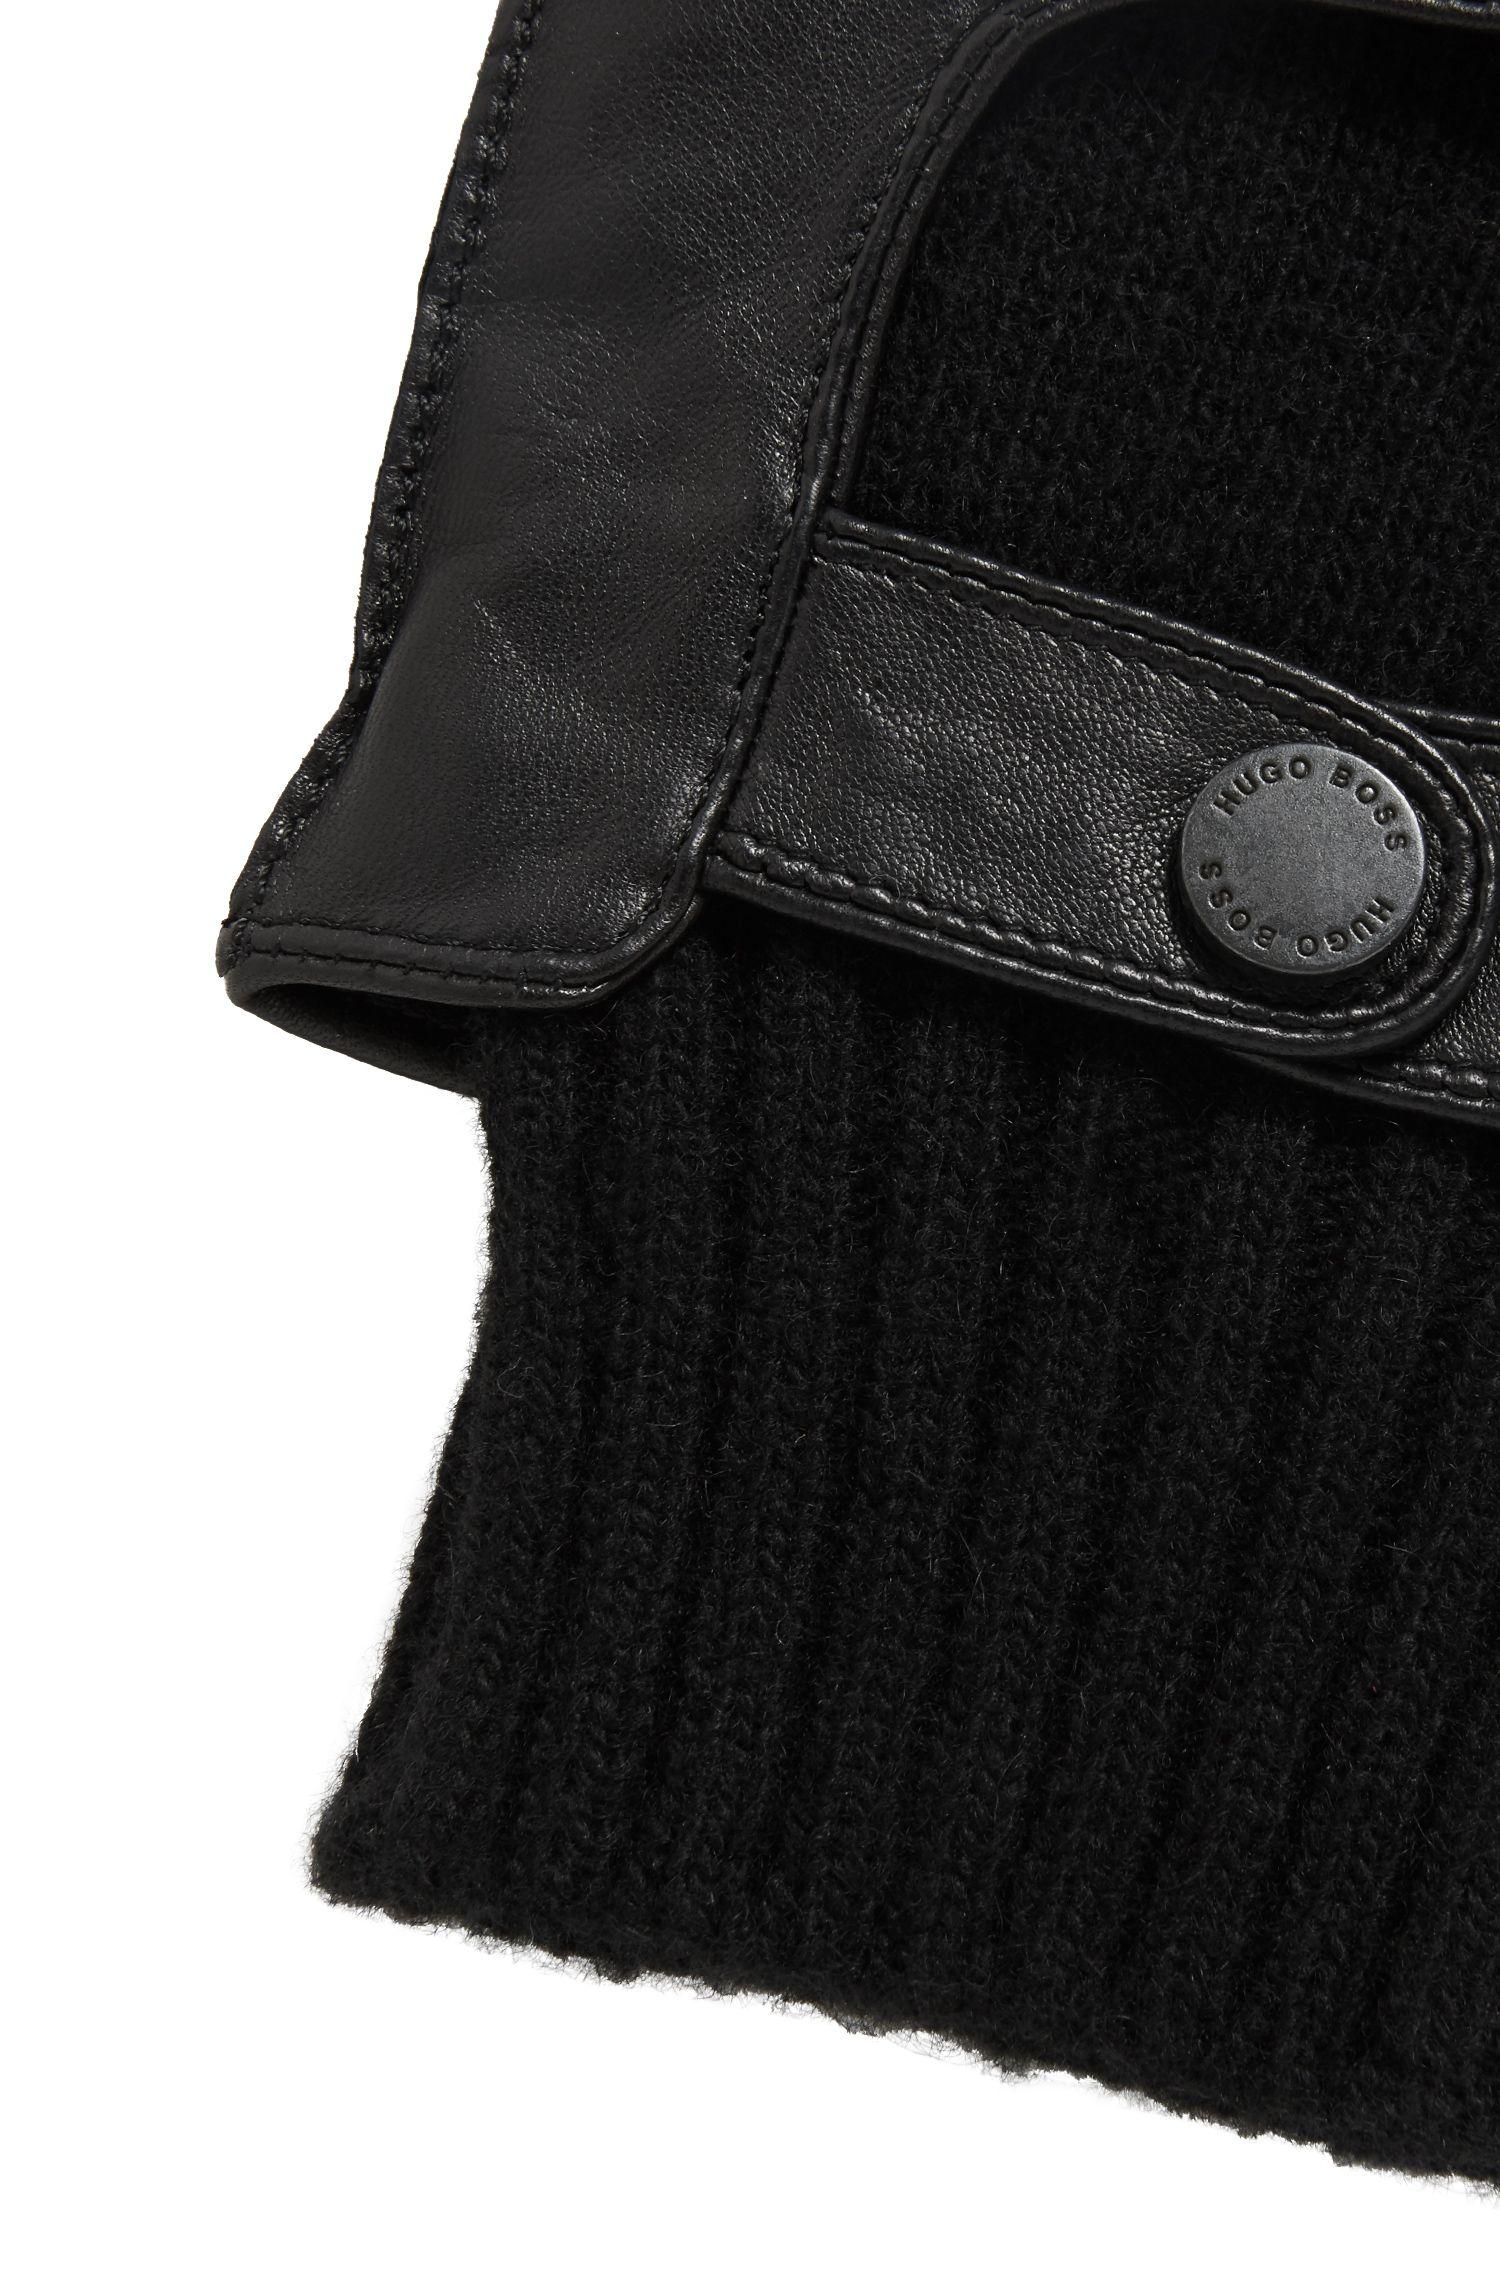 Nappa Leather & Wool Blend Knit Tech Touch Glove | T-Herkan TT, Black